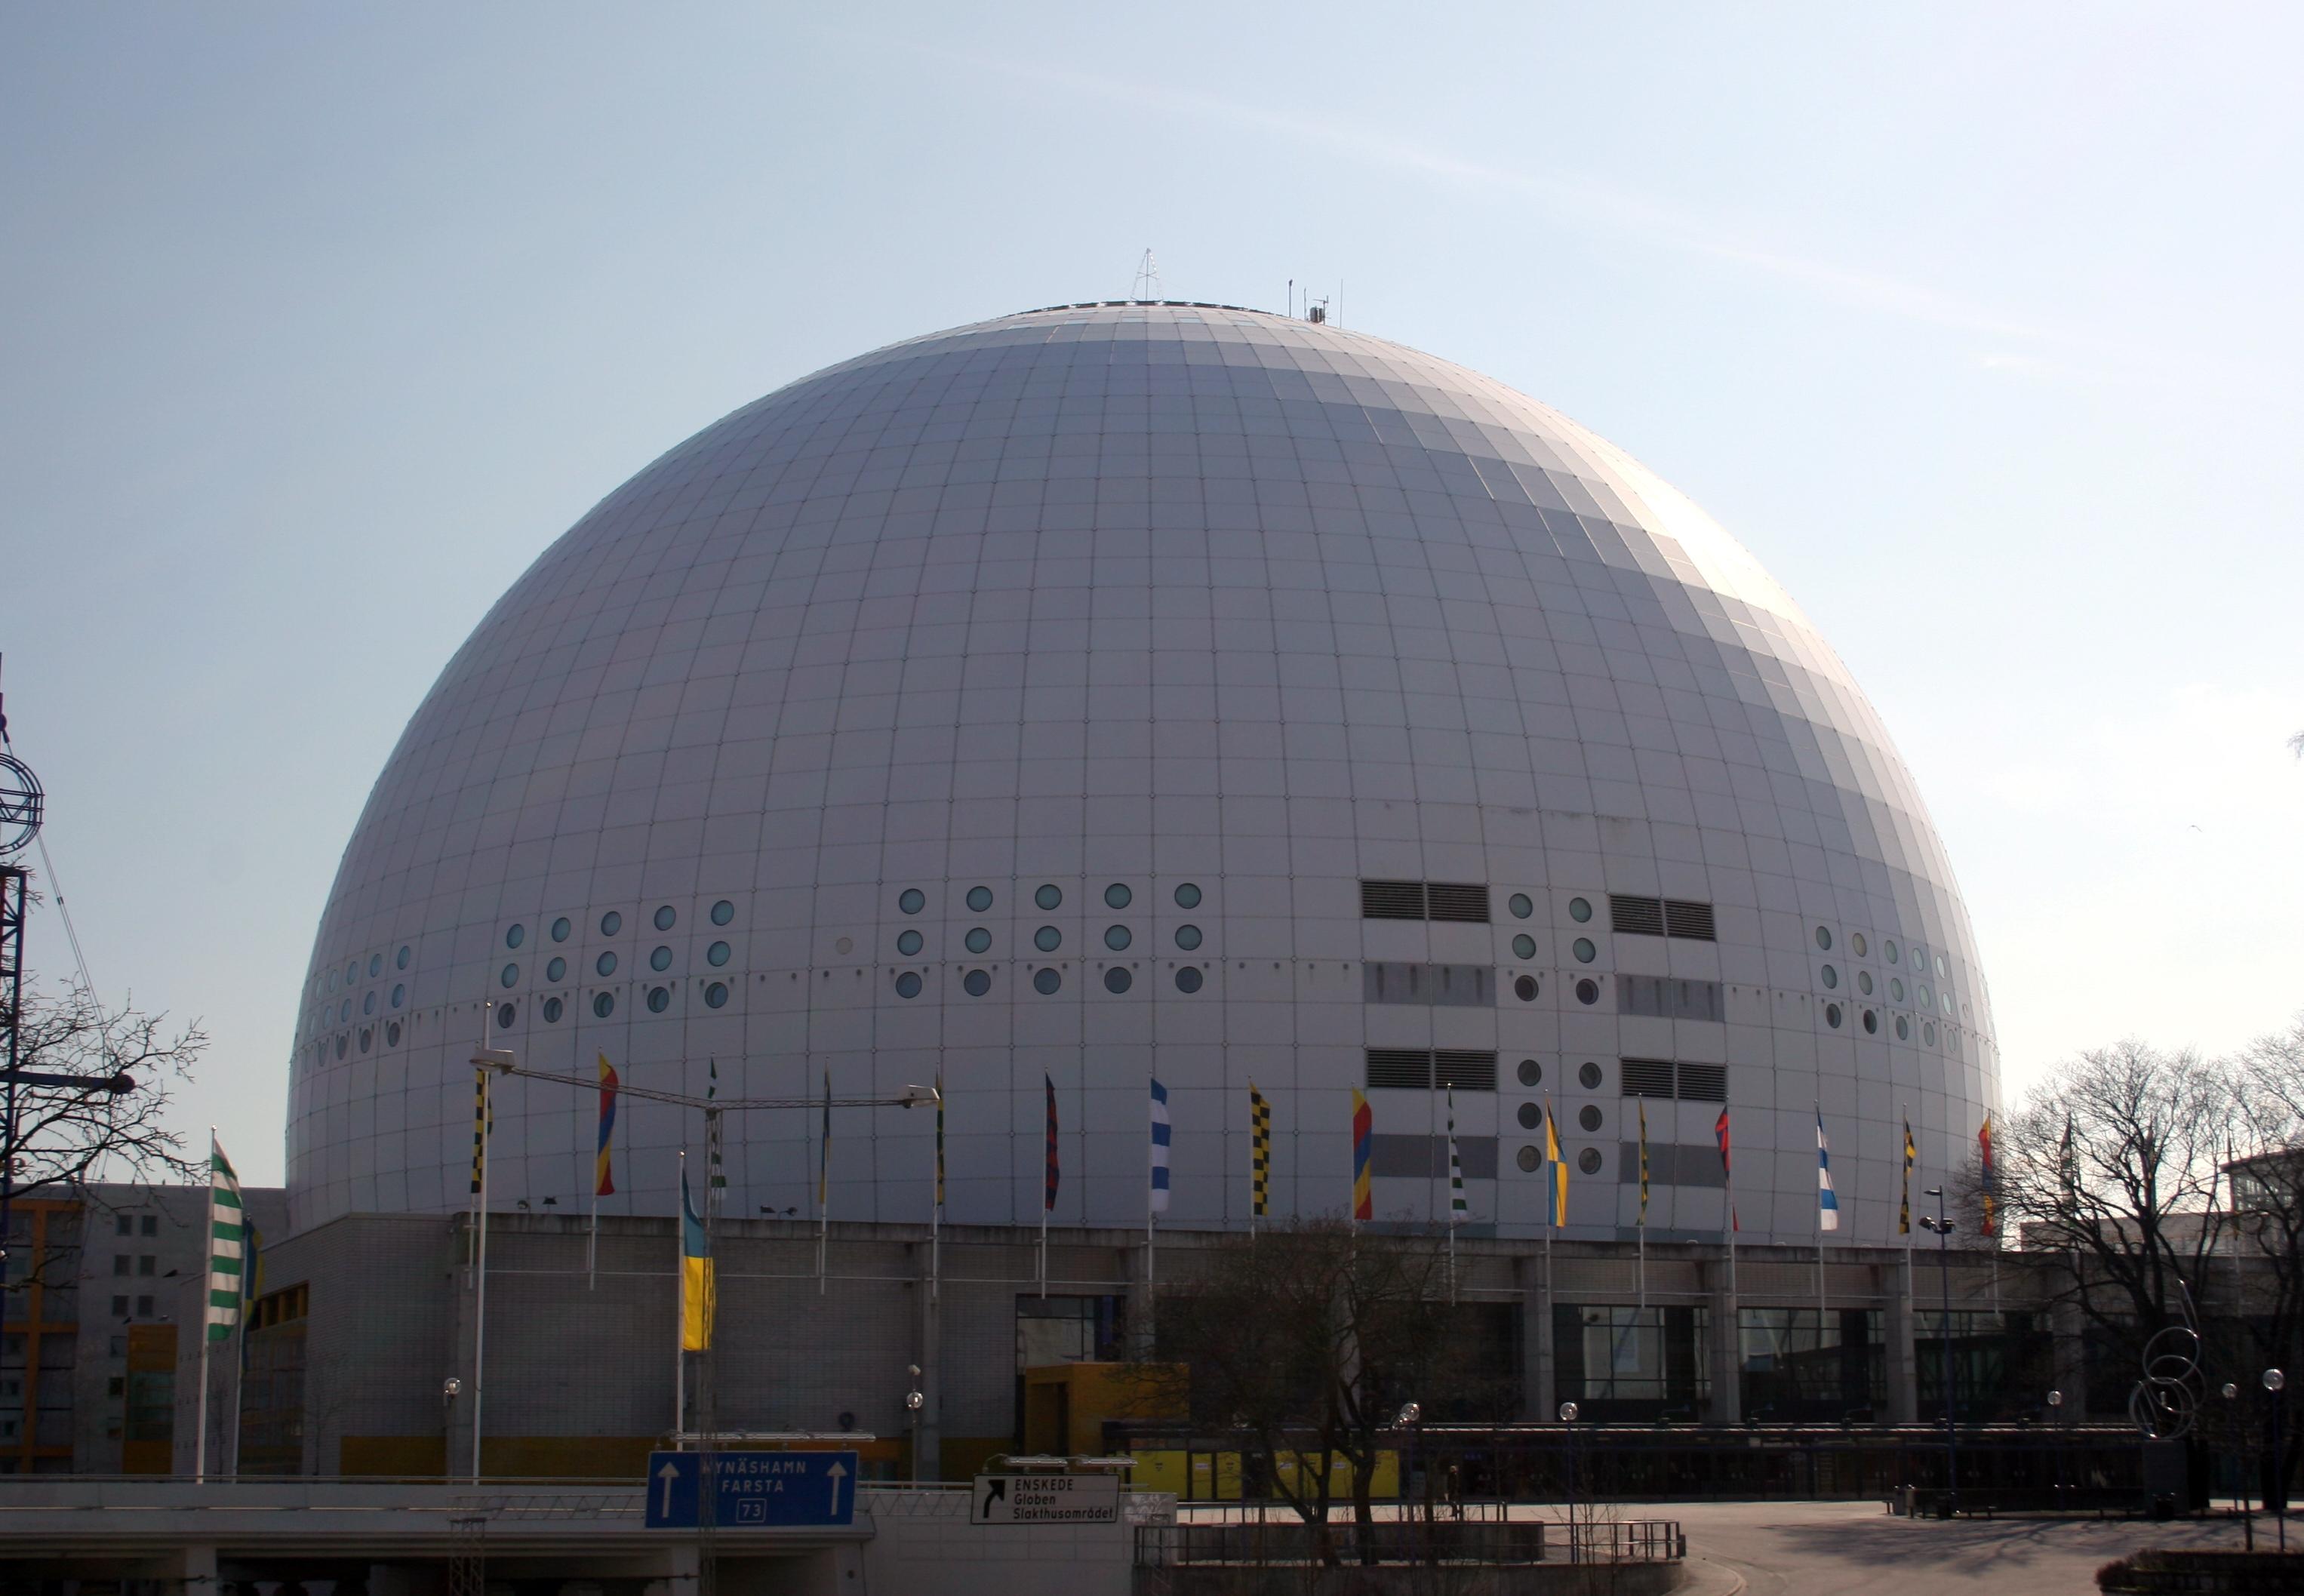 stockholm globen arena